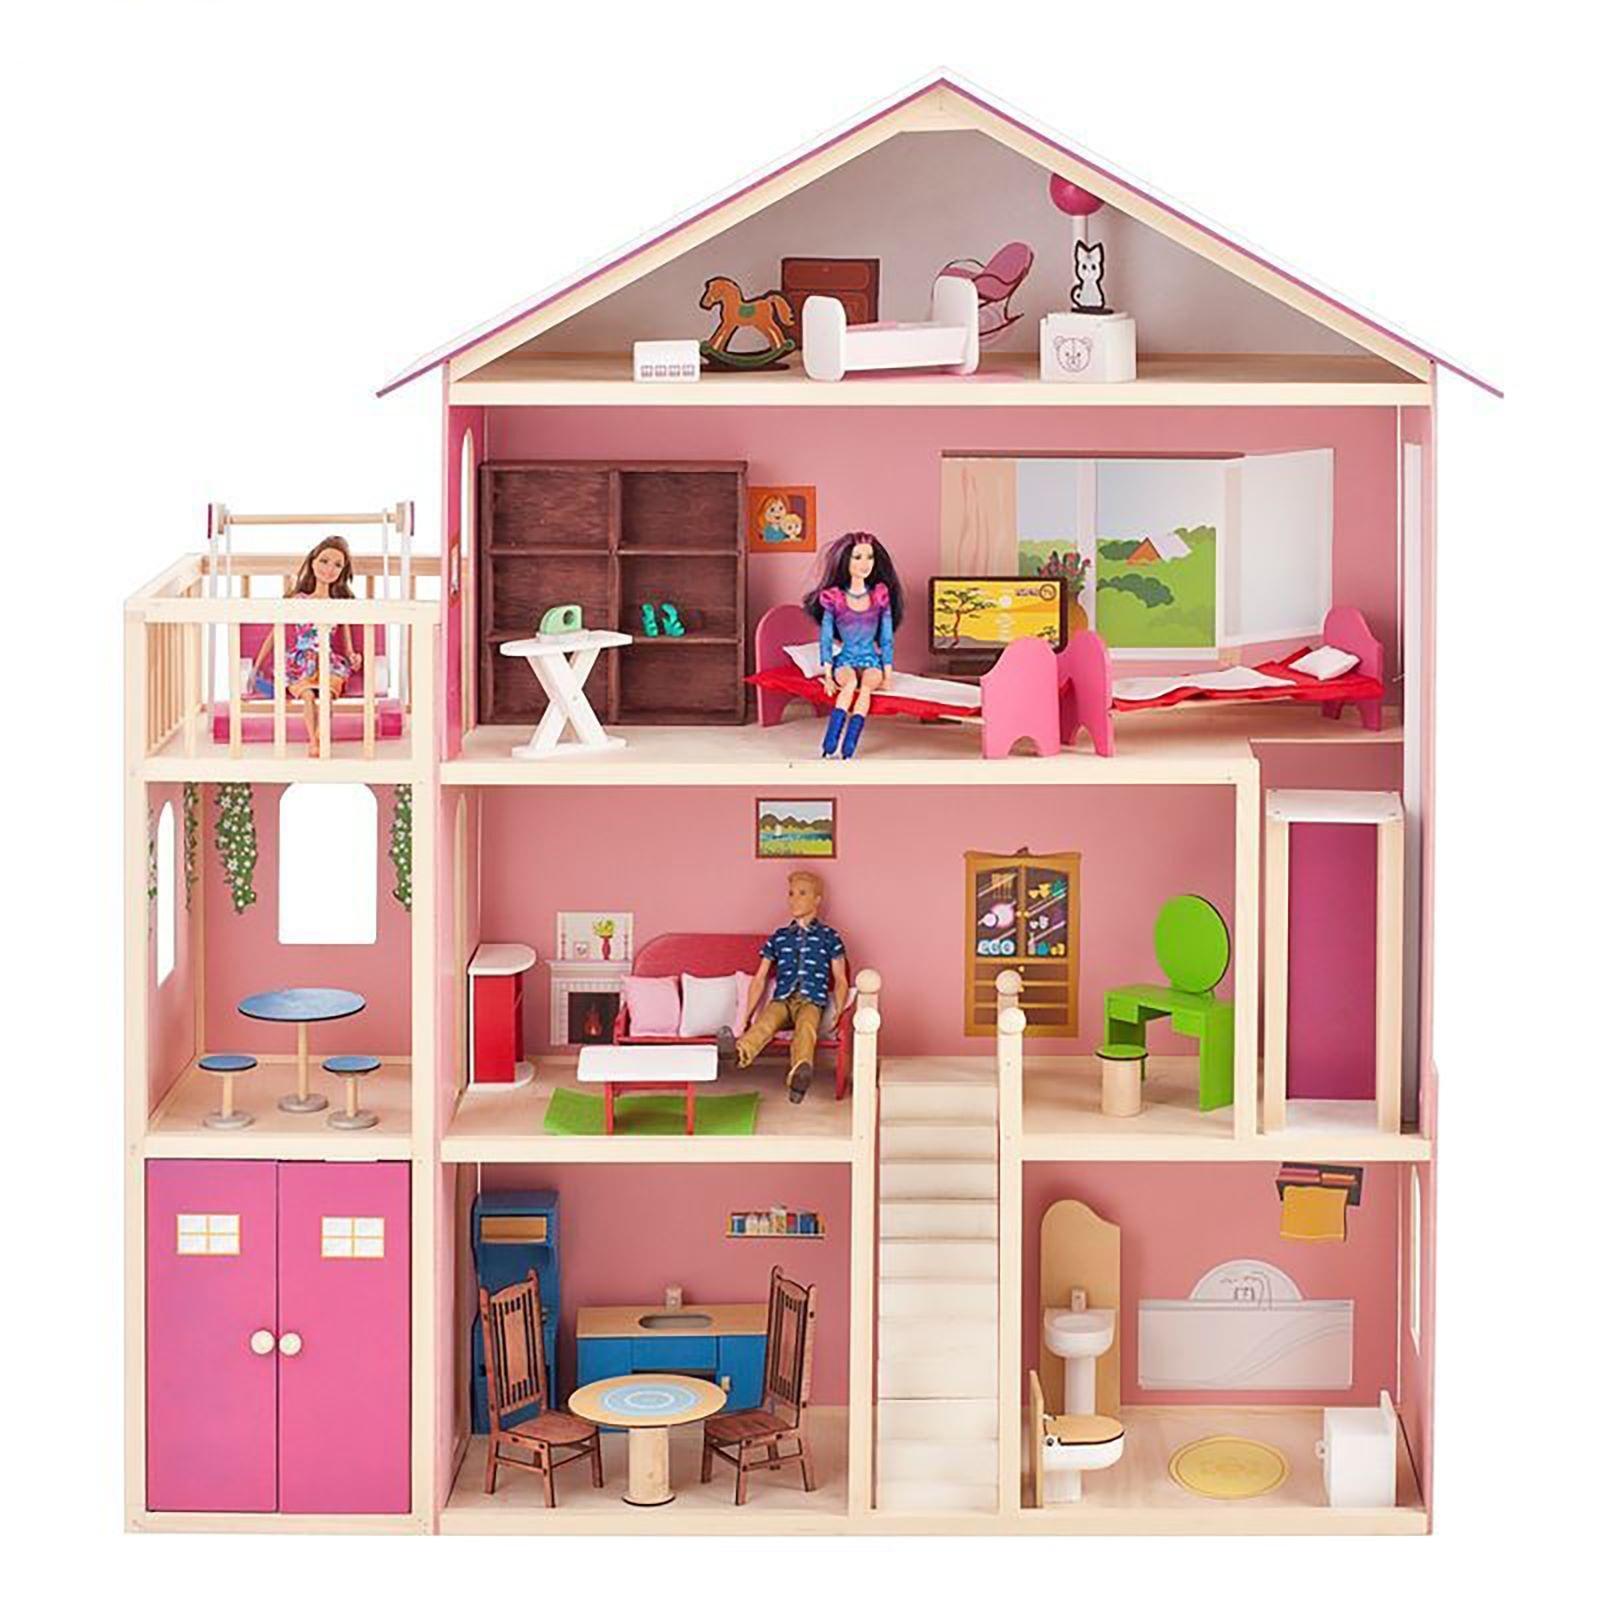 ощутимом картинки для игрушечного домика менее изредка реальные